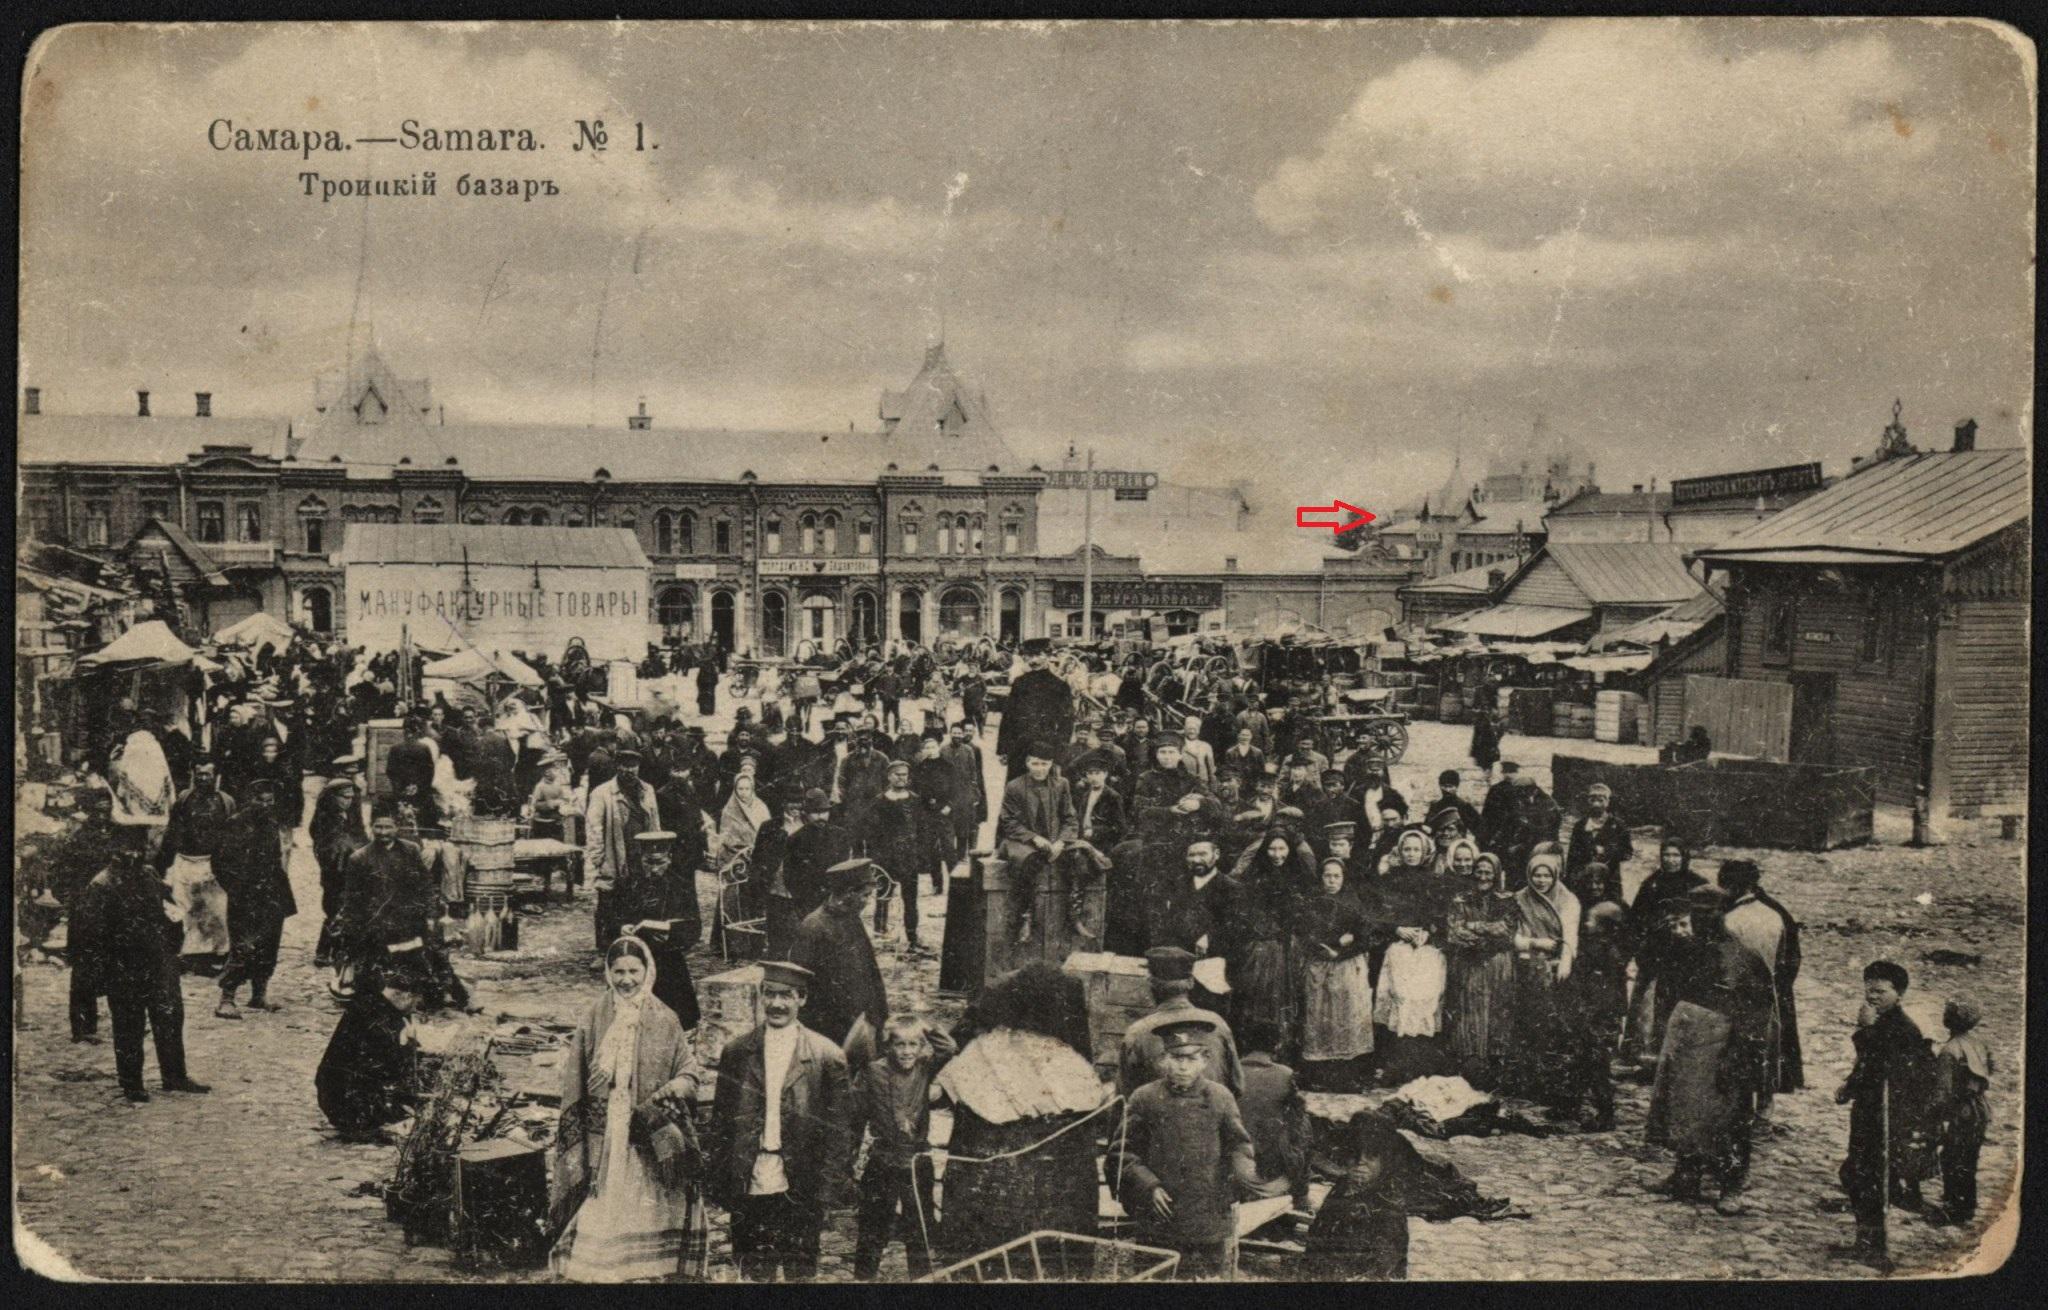 Троицкий базар в Самаре